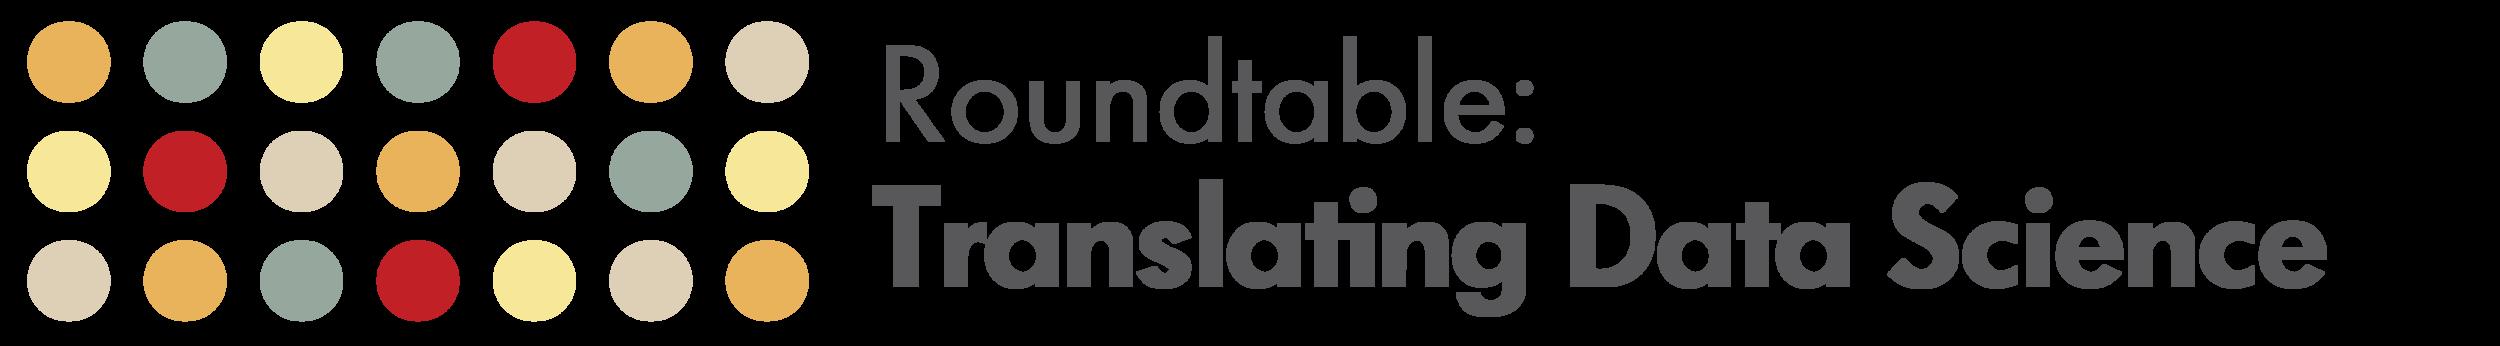 Web Header_Translating Data Science 2019_v1.png